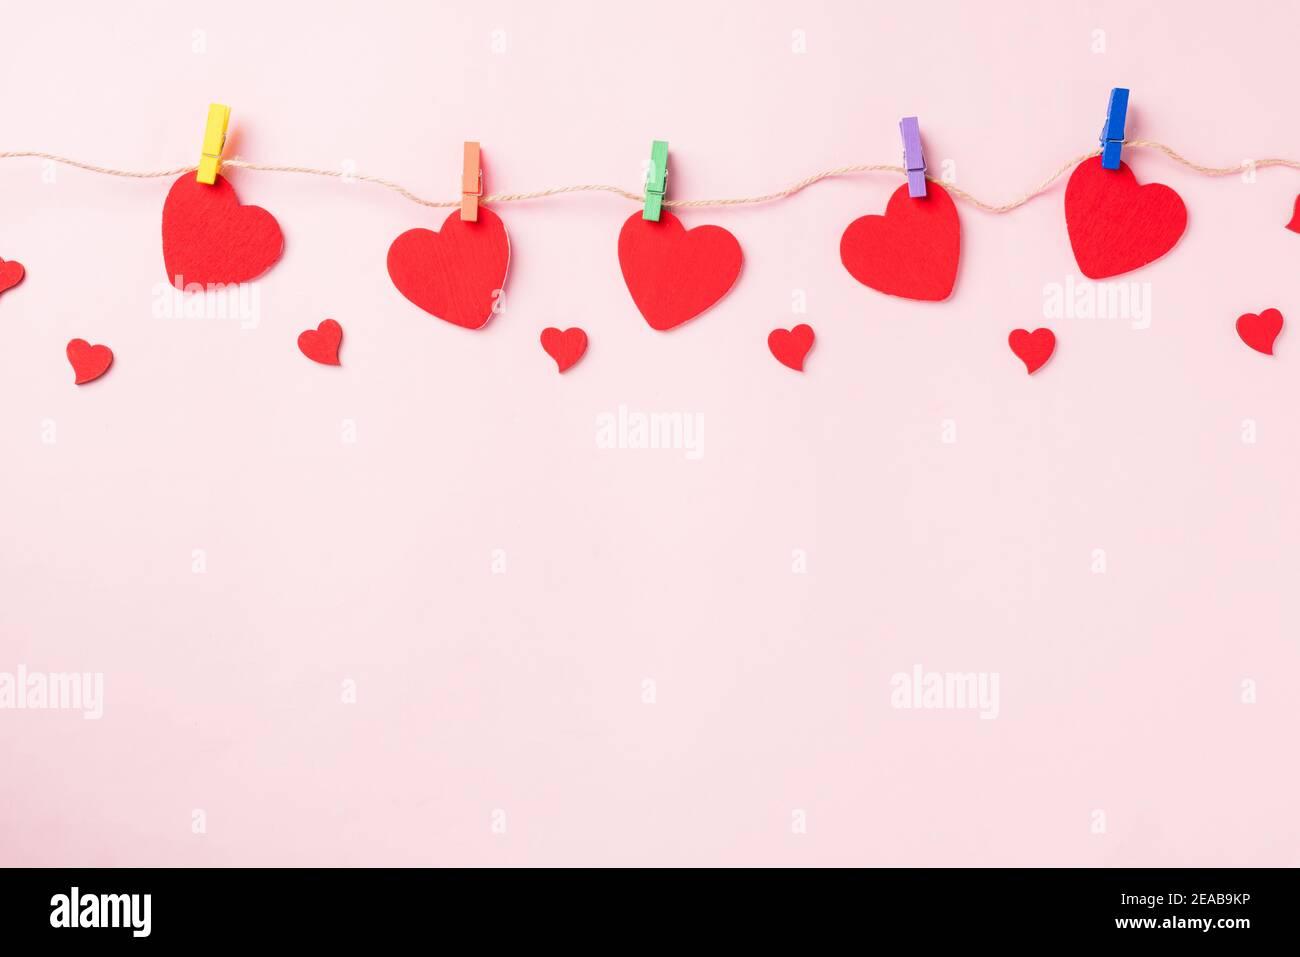 Buon San Valentino sfondo giorno. Cuore rosso decorazione valentine a forma di cuore appeso con graffette sulla corda per amore composizione biglietto di auguri isola Foto Stock